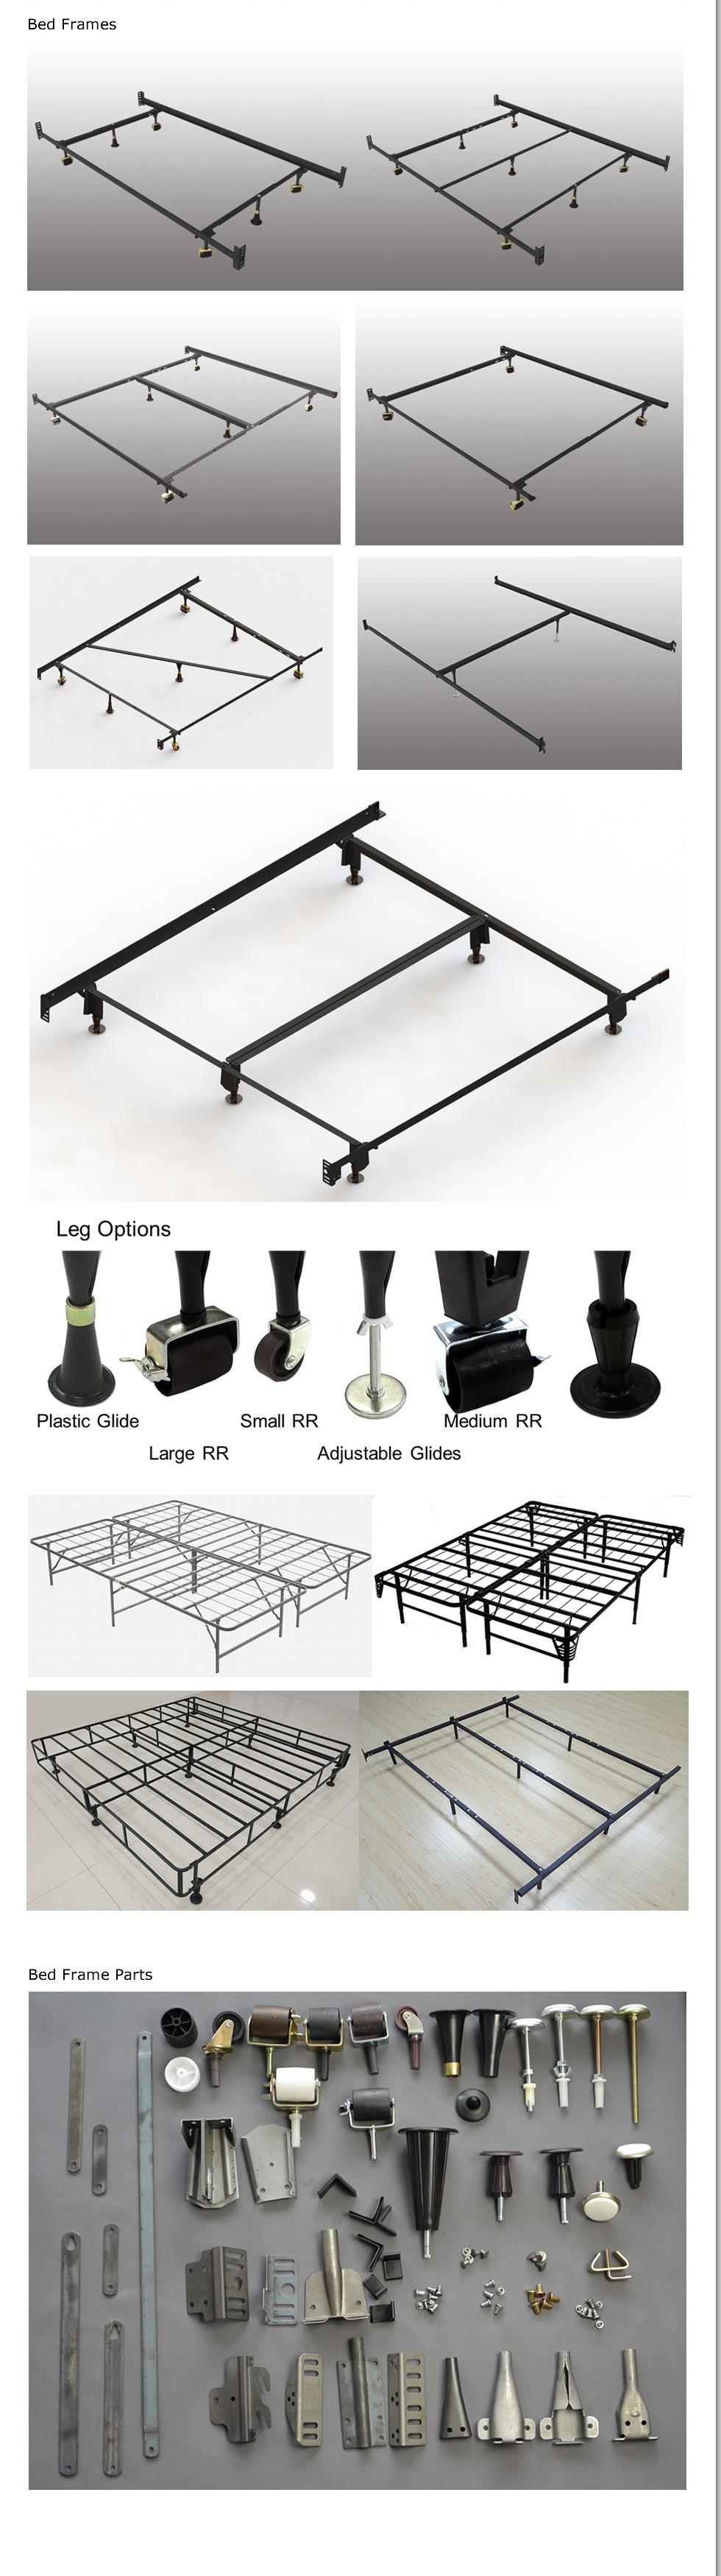 arw bed frame parts. Black Bedroom Furniture Sets. Home Design Ideas